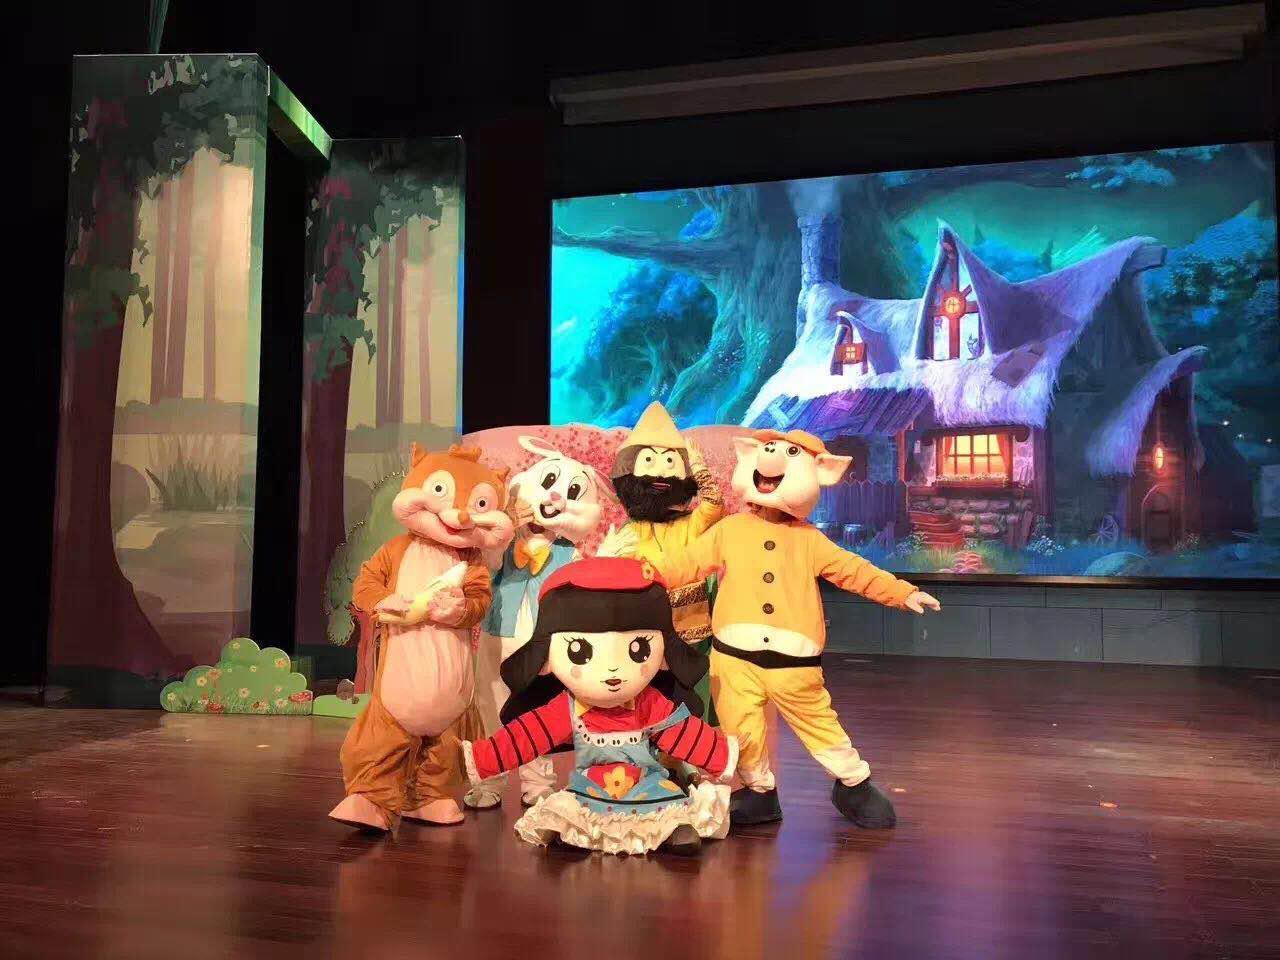 棒棒糖儿童话剧团是专业从事儿童卡通剧创作和演出的儿童艺术剧团,是